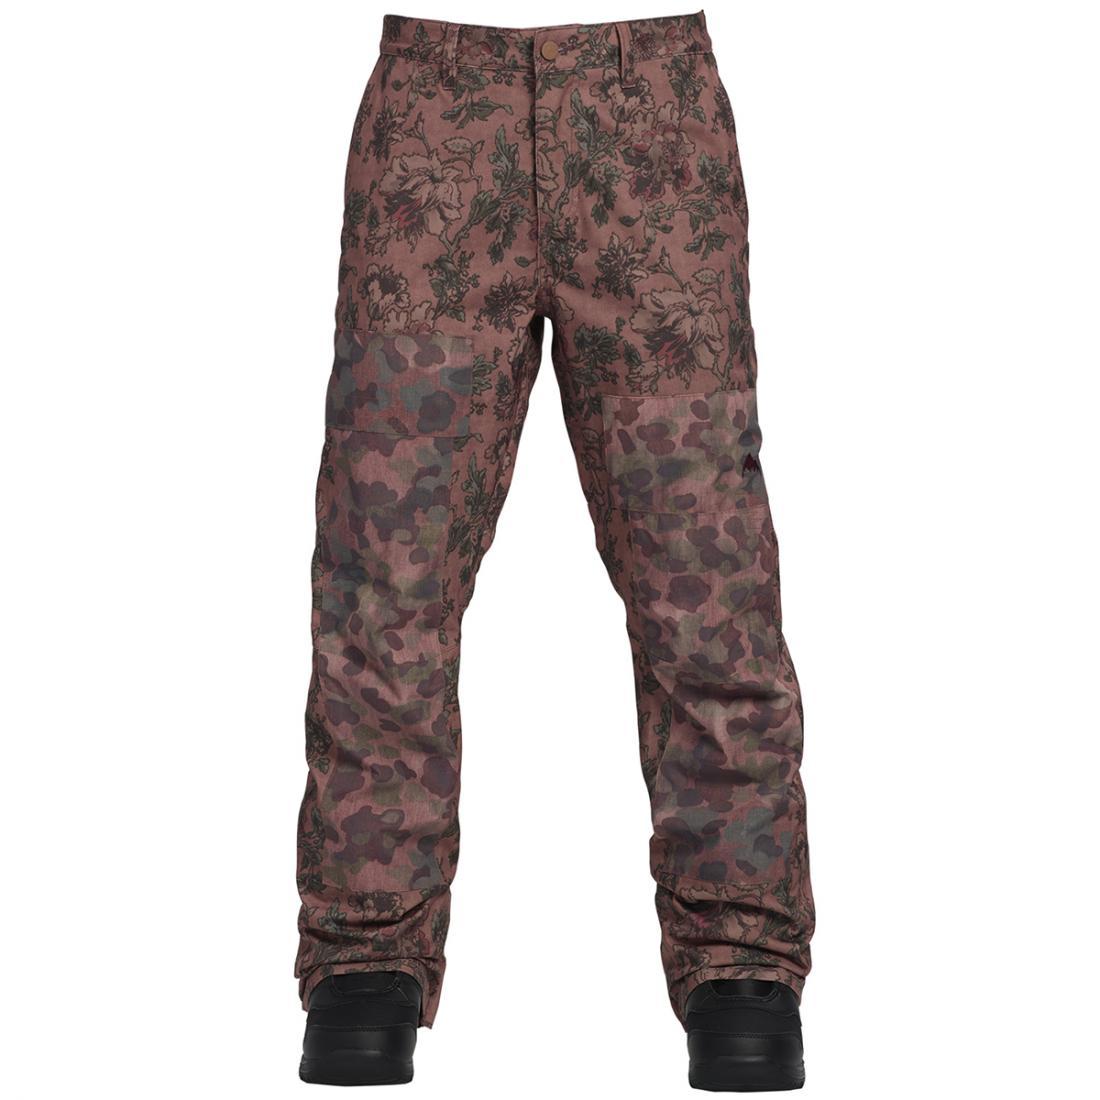 БРЮКИ Ж Г/Л W TWENTYOUNCE PTБрюки, штаны<br><br>Женские брюки Burton Twentyounce Pant идеально подойдут для катания по горным склонам. Двухслойная дышащая водонепроницаемая мембрана Dryride™, полностью проклеенные швы, теплая подкладка Living Lining и снегозащитные гетры на штанинах обеспечивают ...